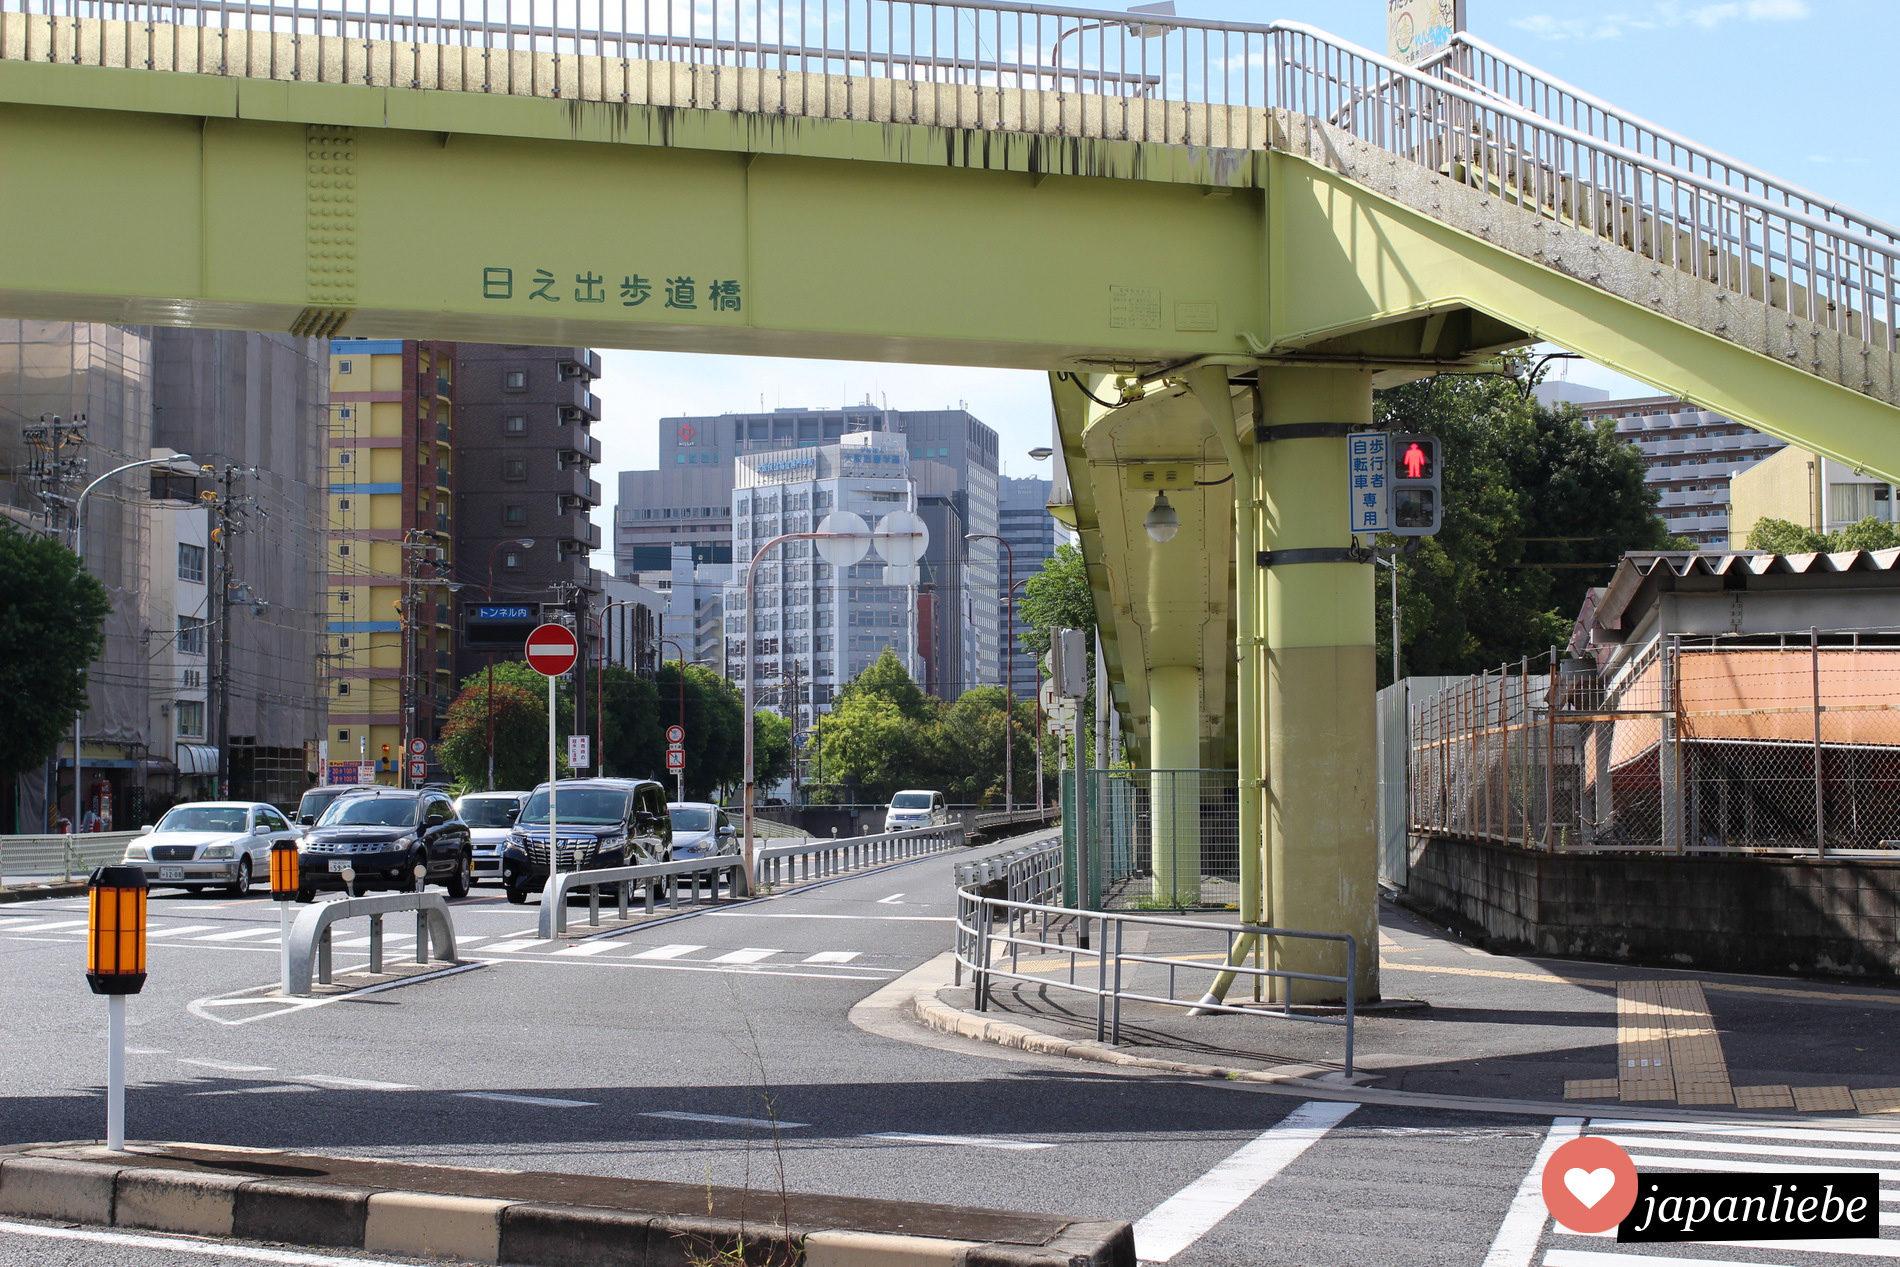 Eine Kreuzung in Shin-Osaka mit einer roten Ampel